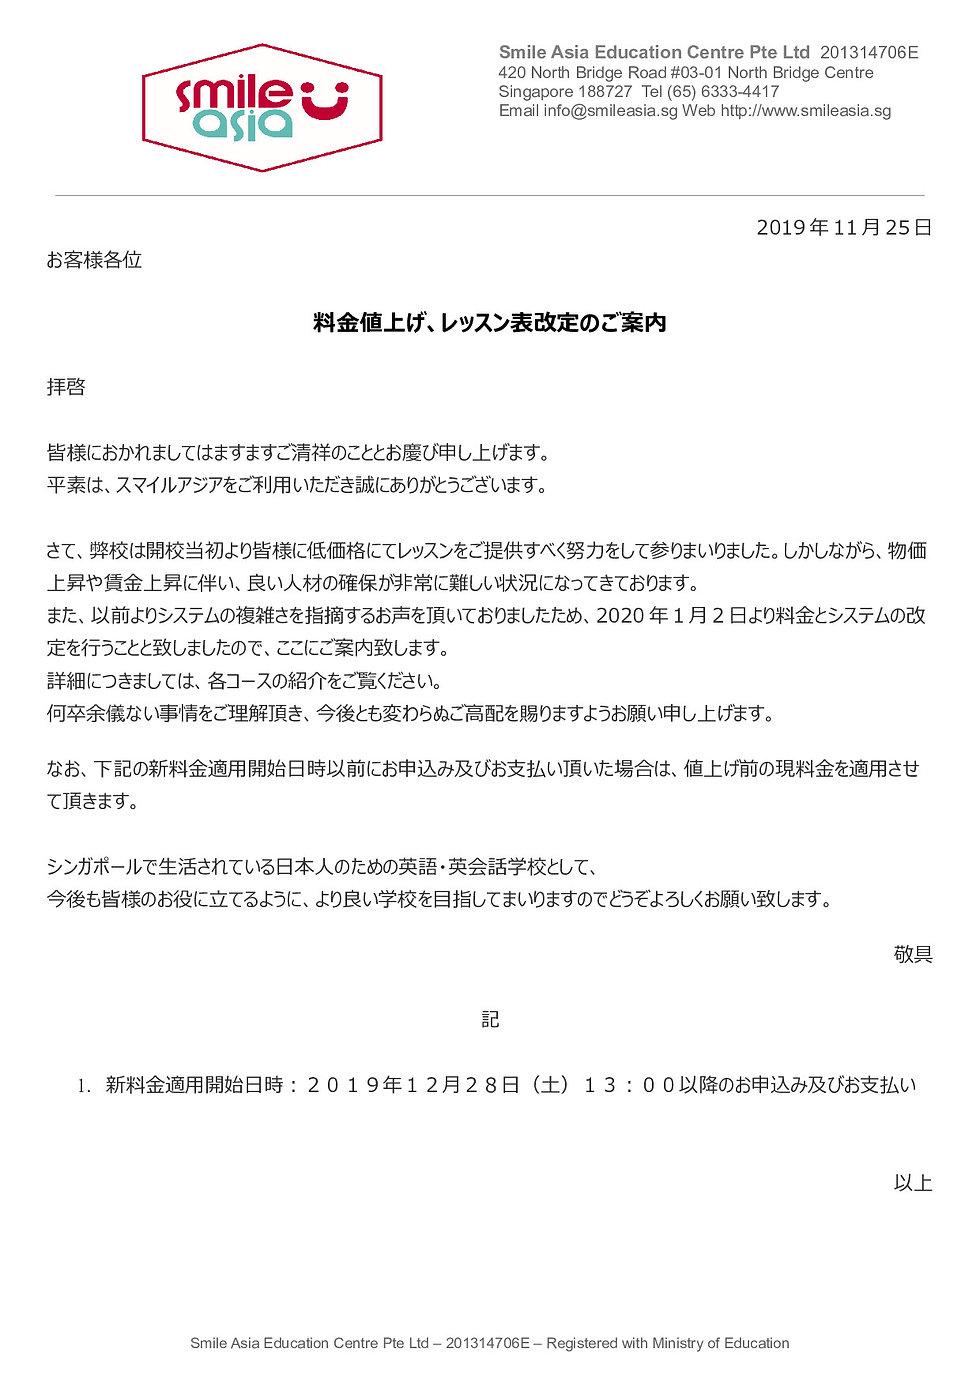 料金値上げ(案)2019年12月1日_p001.jpg